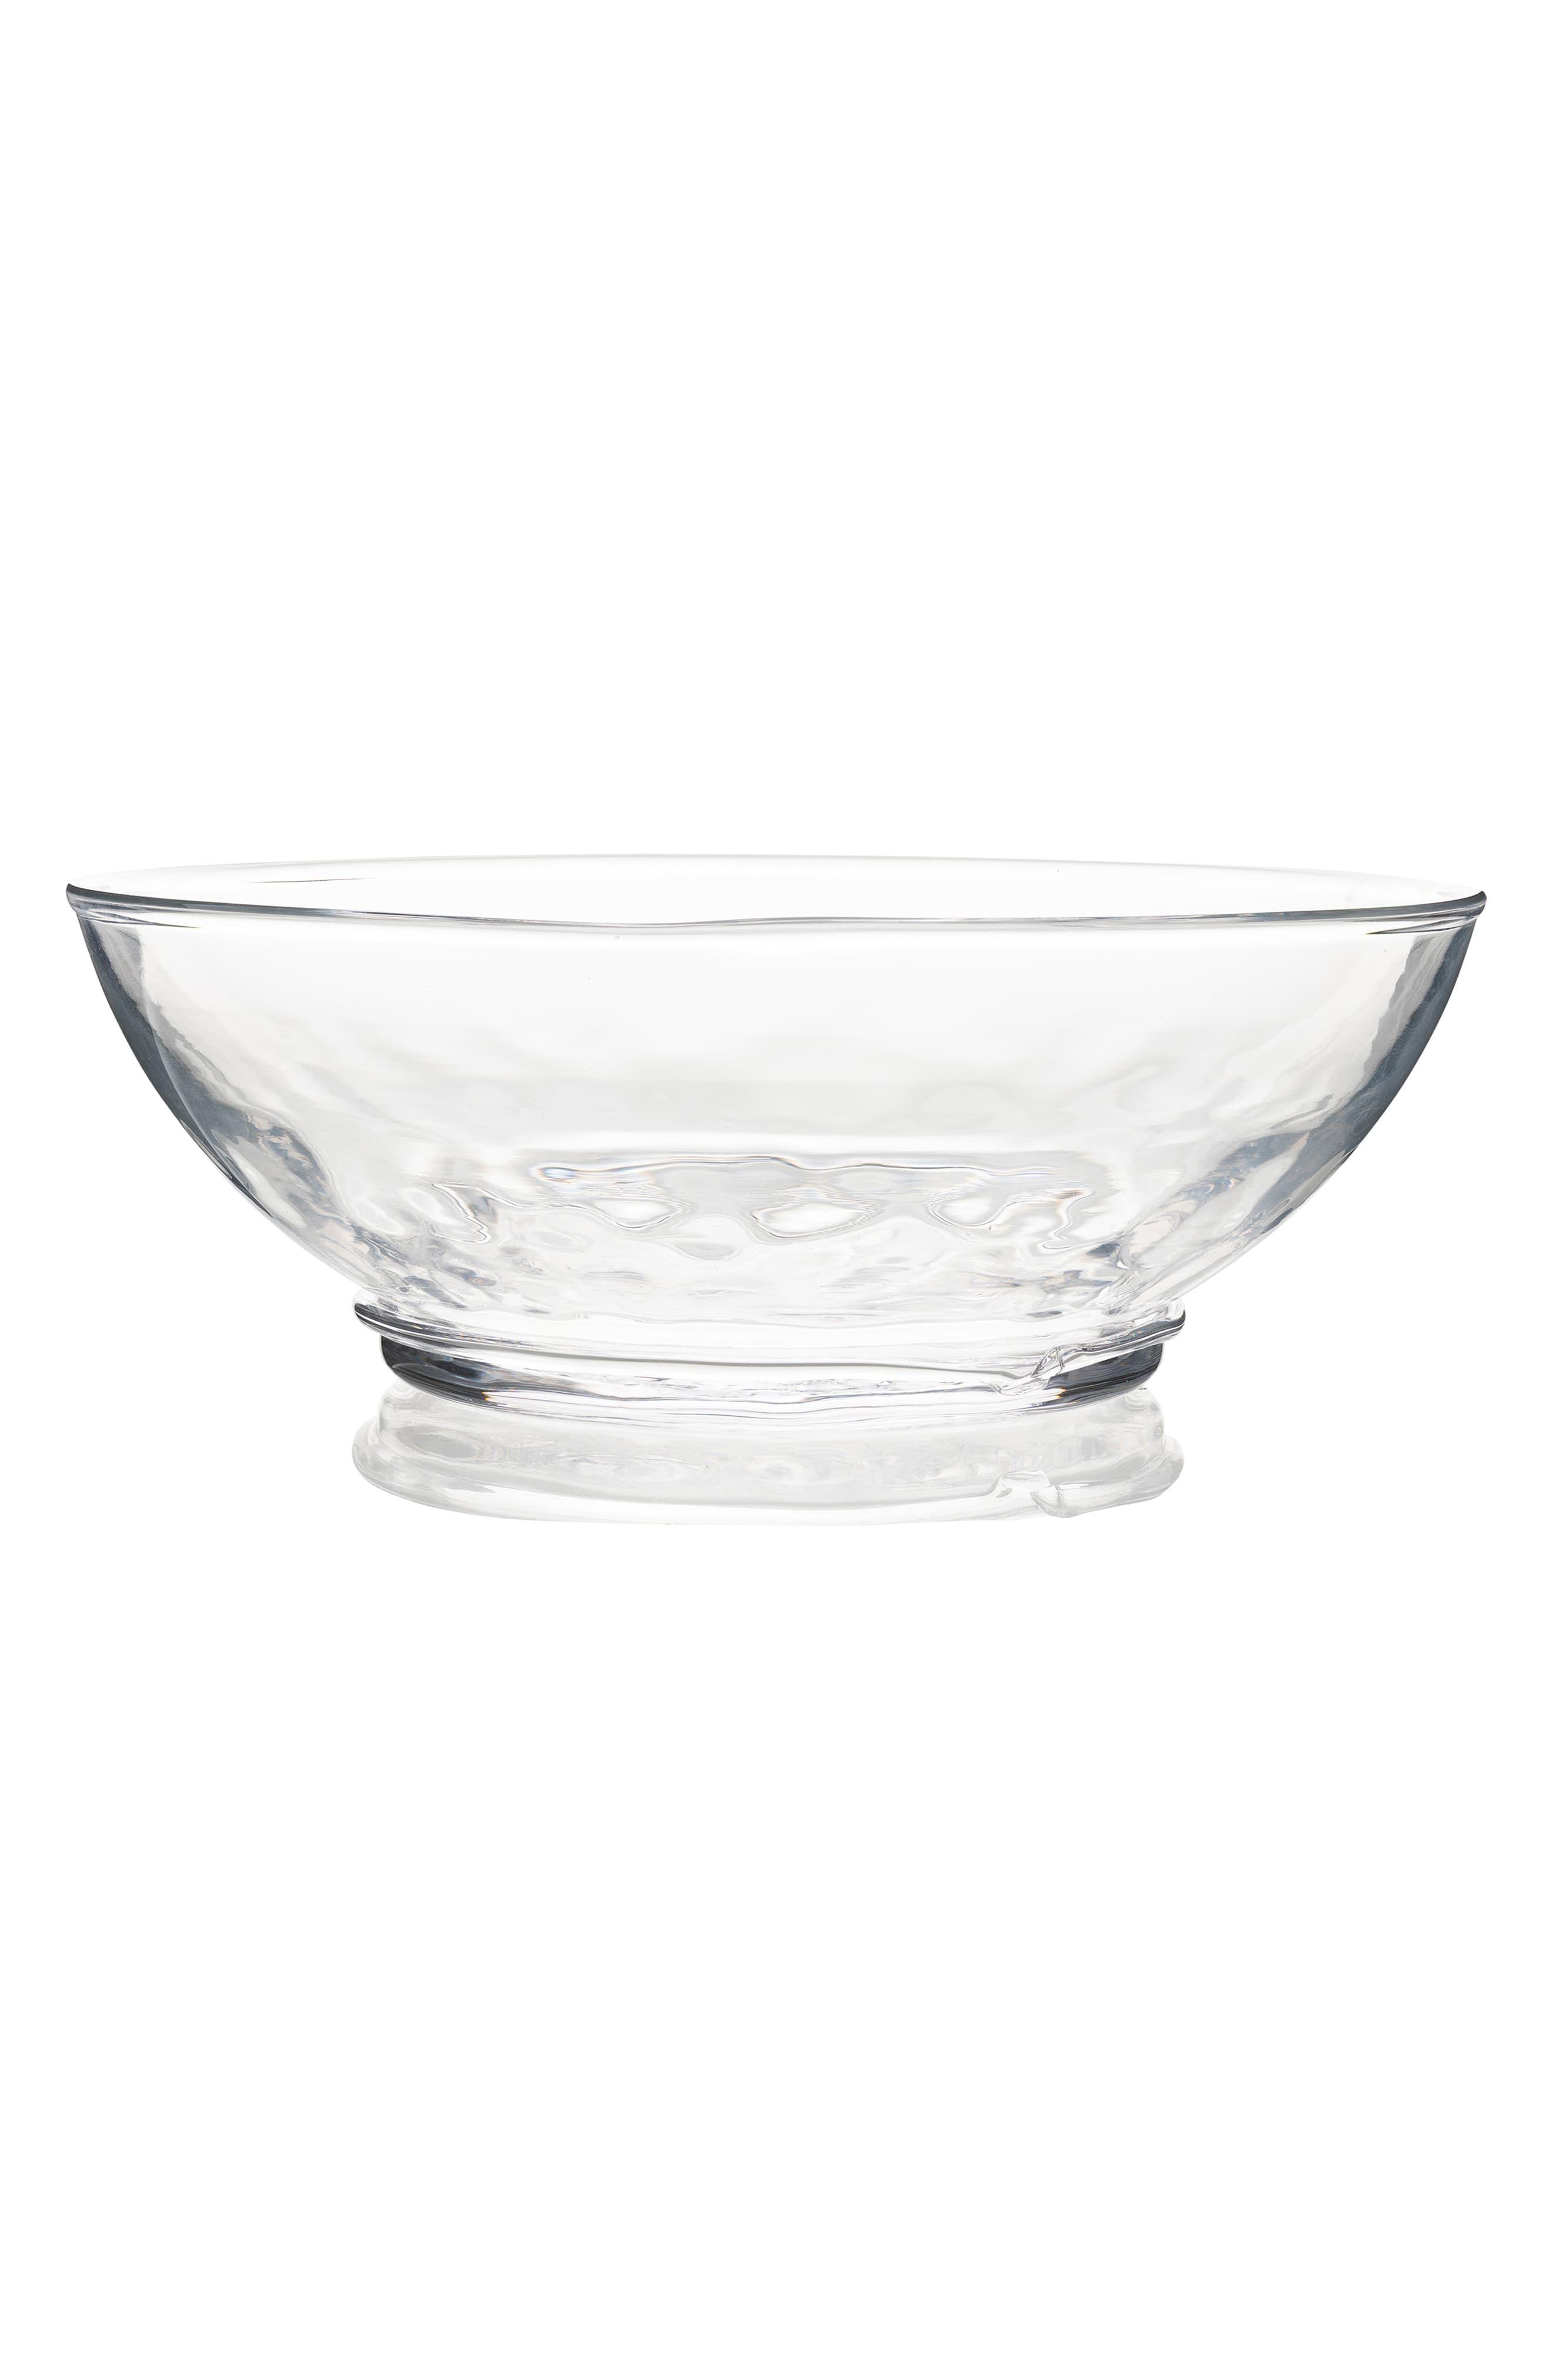 Juliska Carine 10 Inch Serving Bowl Size One Size White Glass Serving Bowls Serving Bowls Decorative Bowls